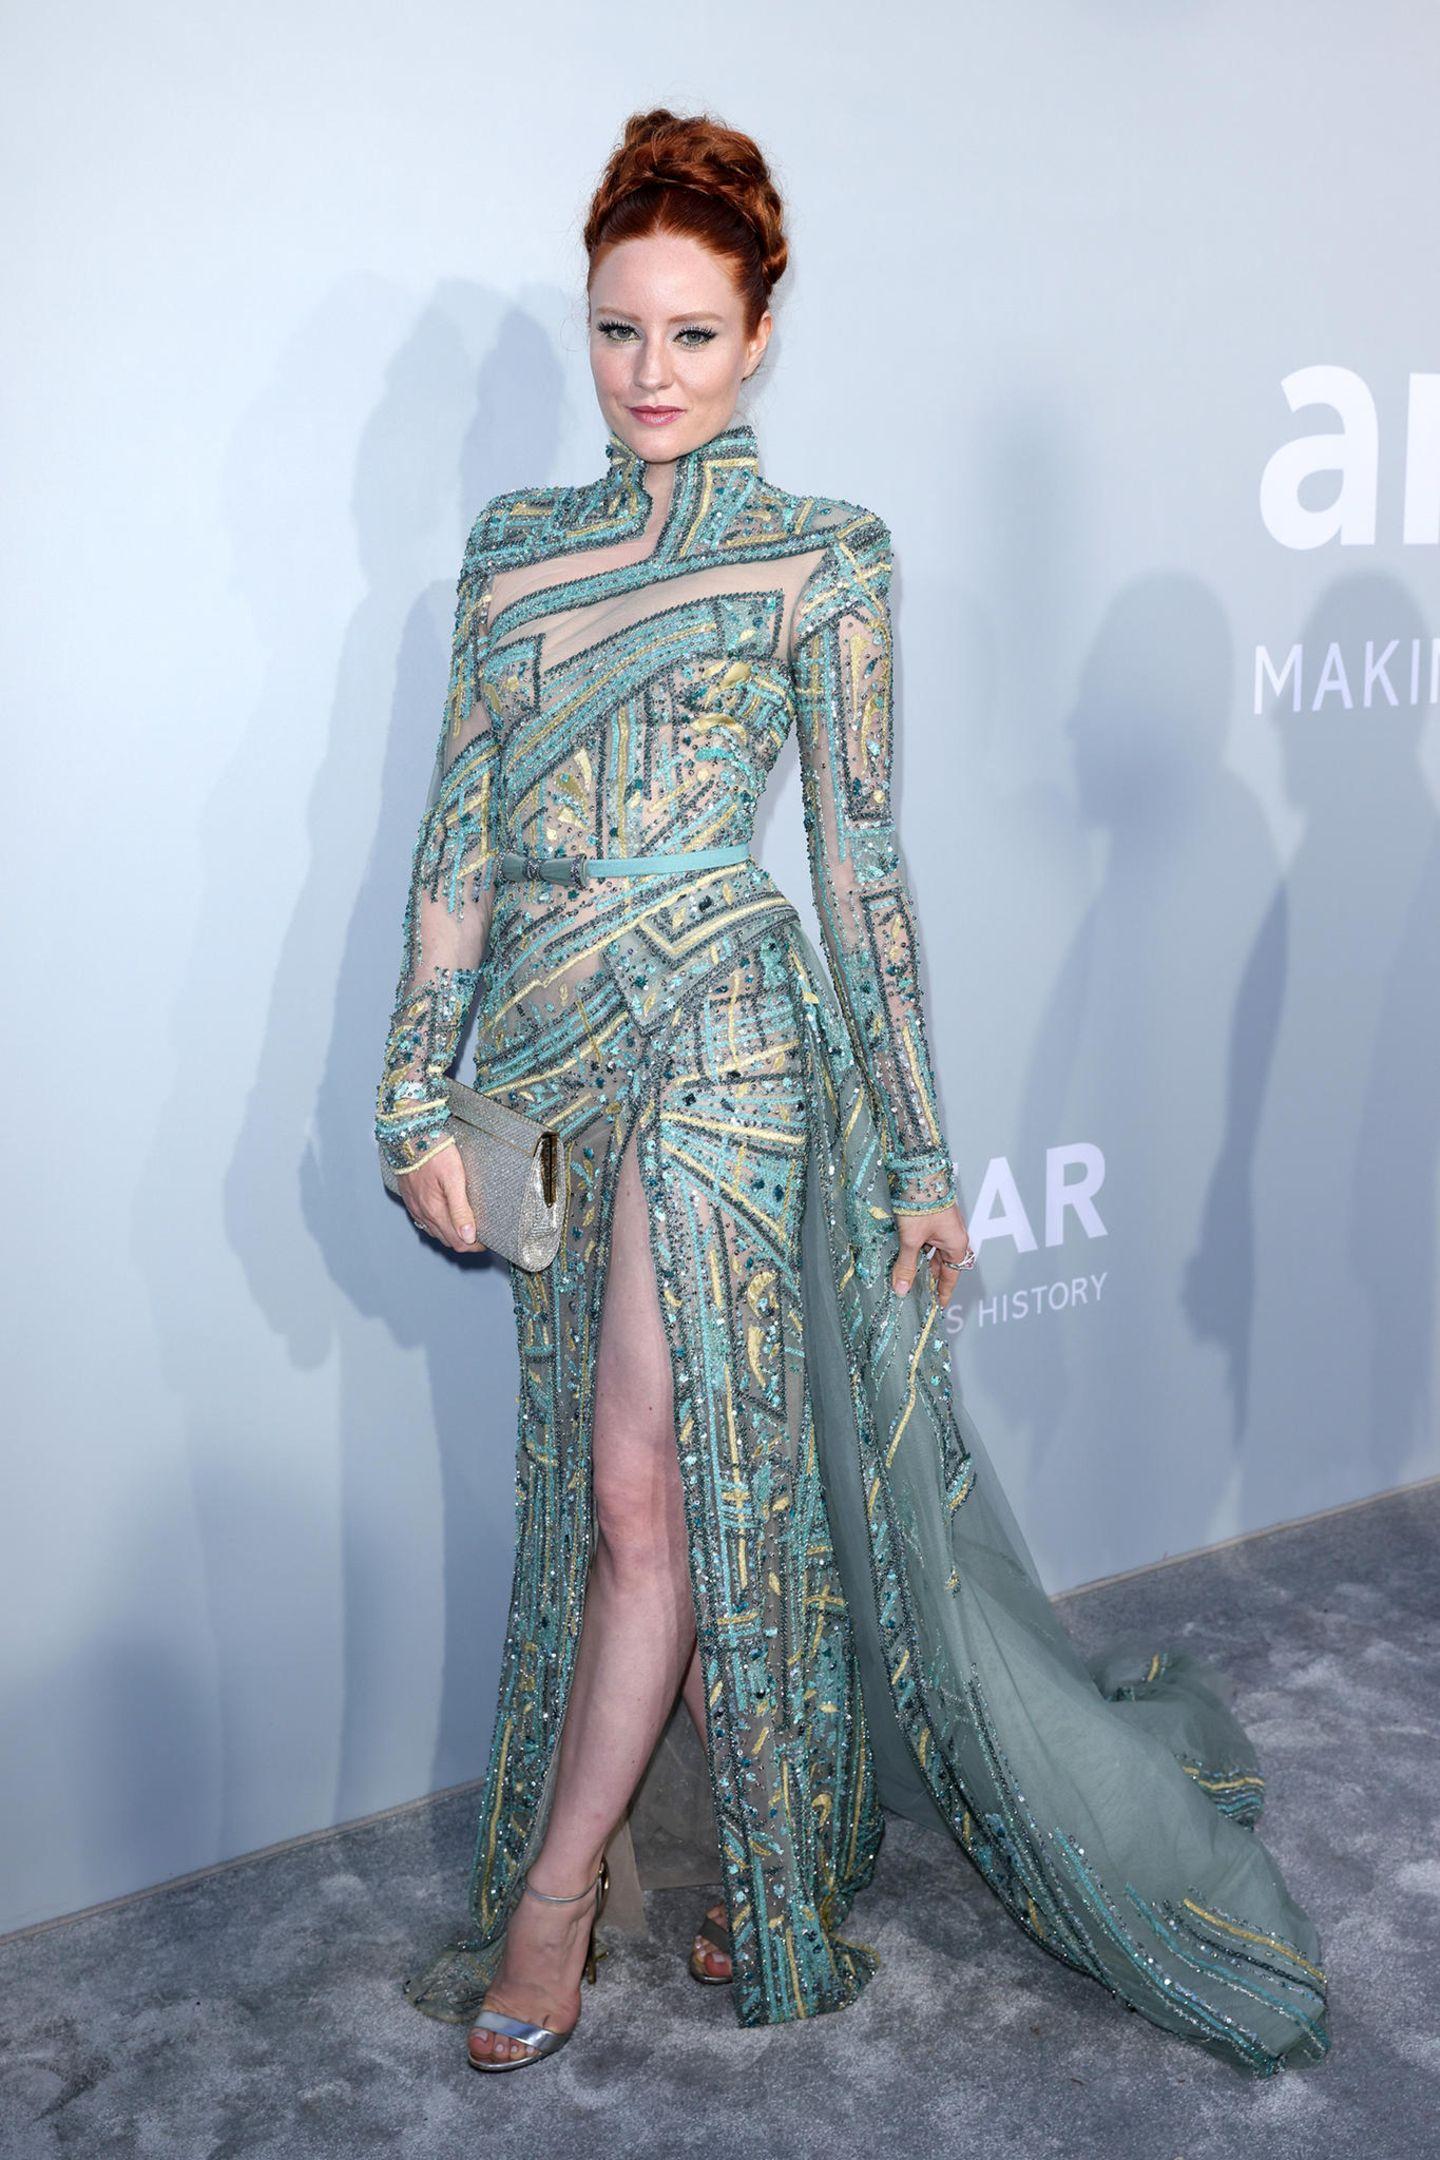 Hinreißend sieht Barbara Meier in ihrem grünlich schimmernden Glamour-Look aus.